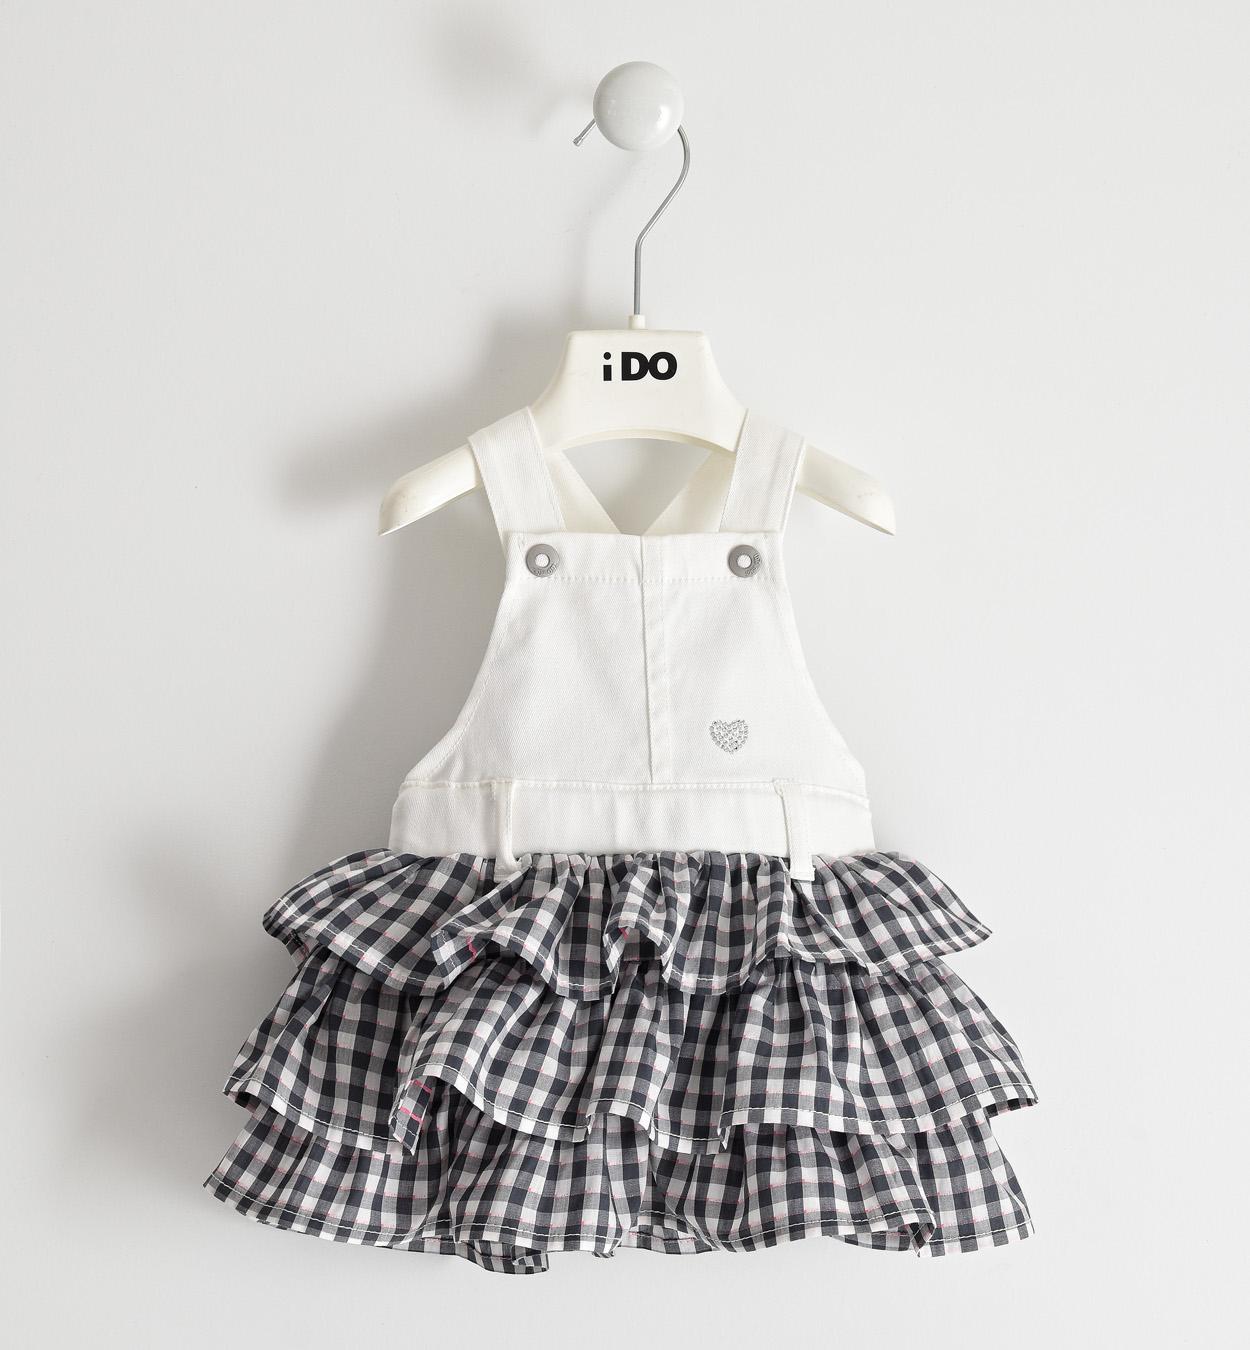 Kantáros kislány újszülött fehér szoknya